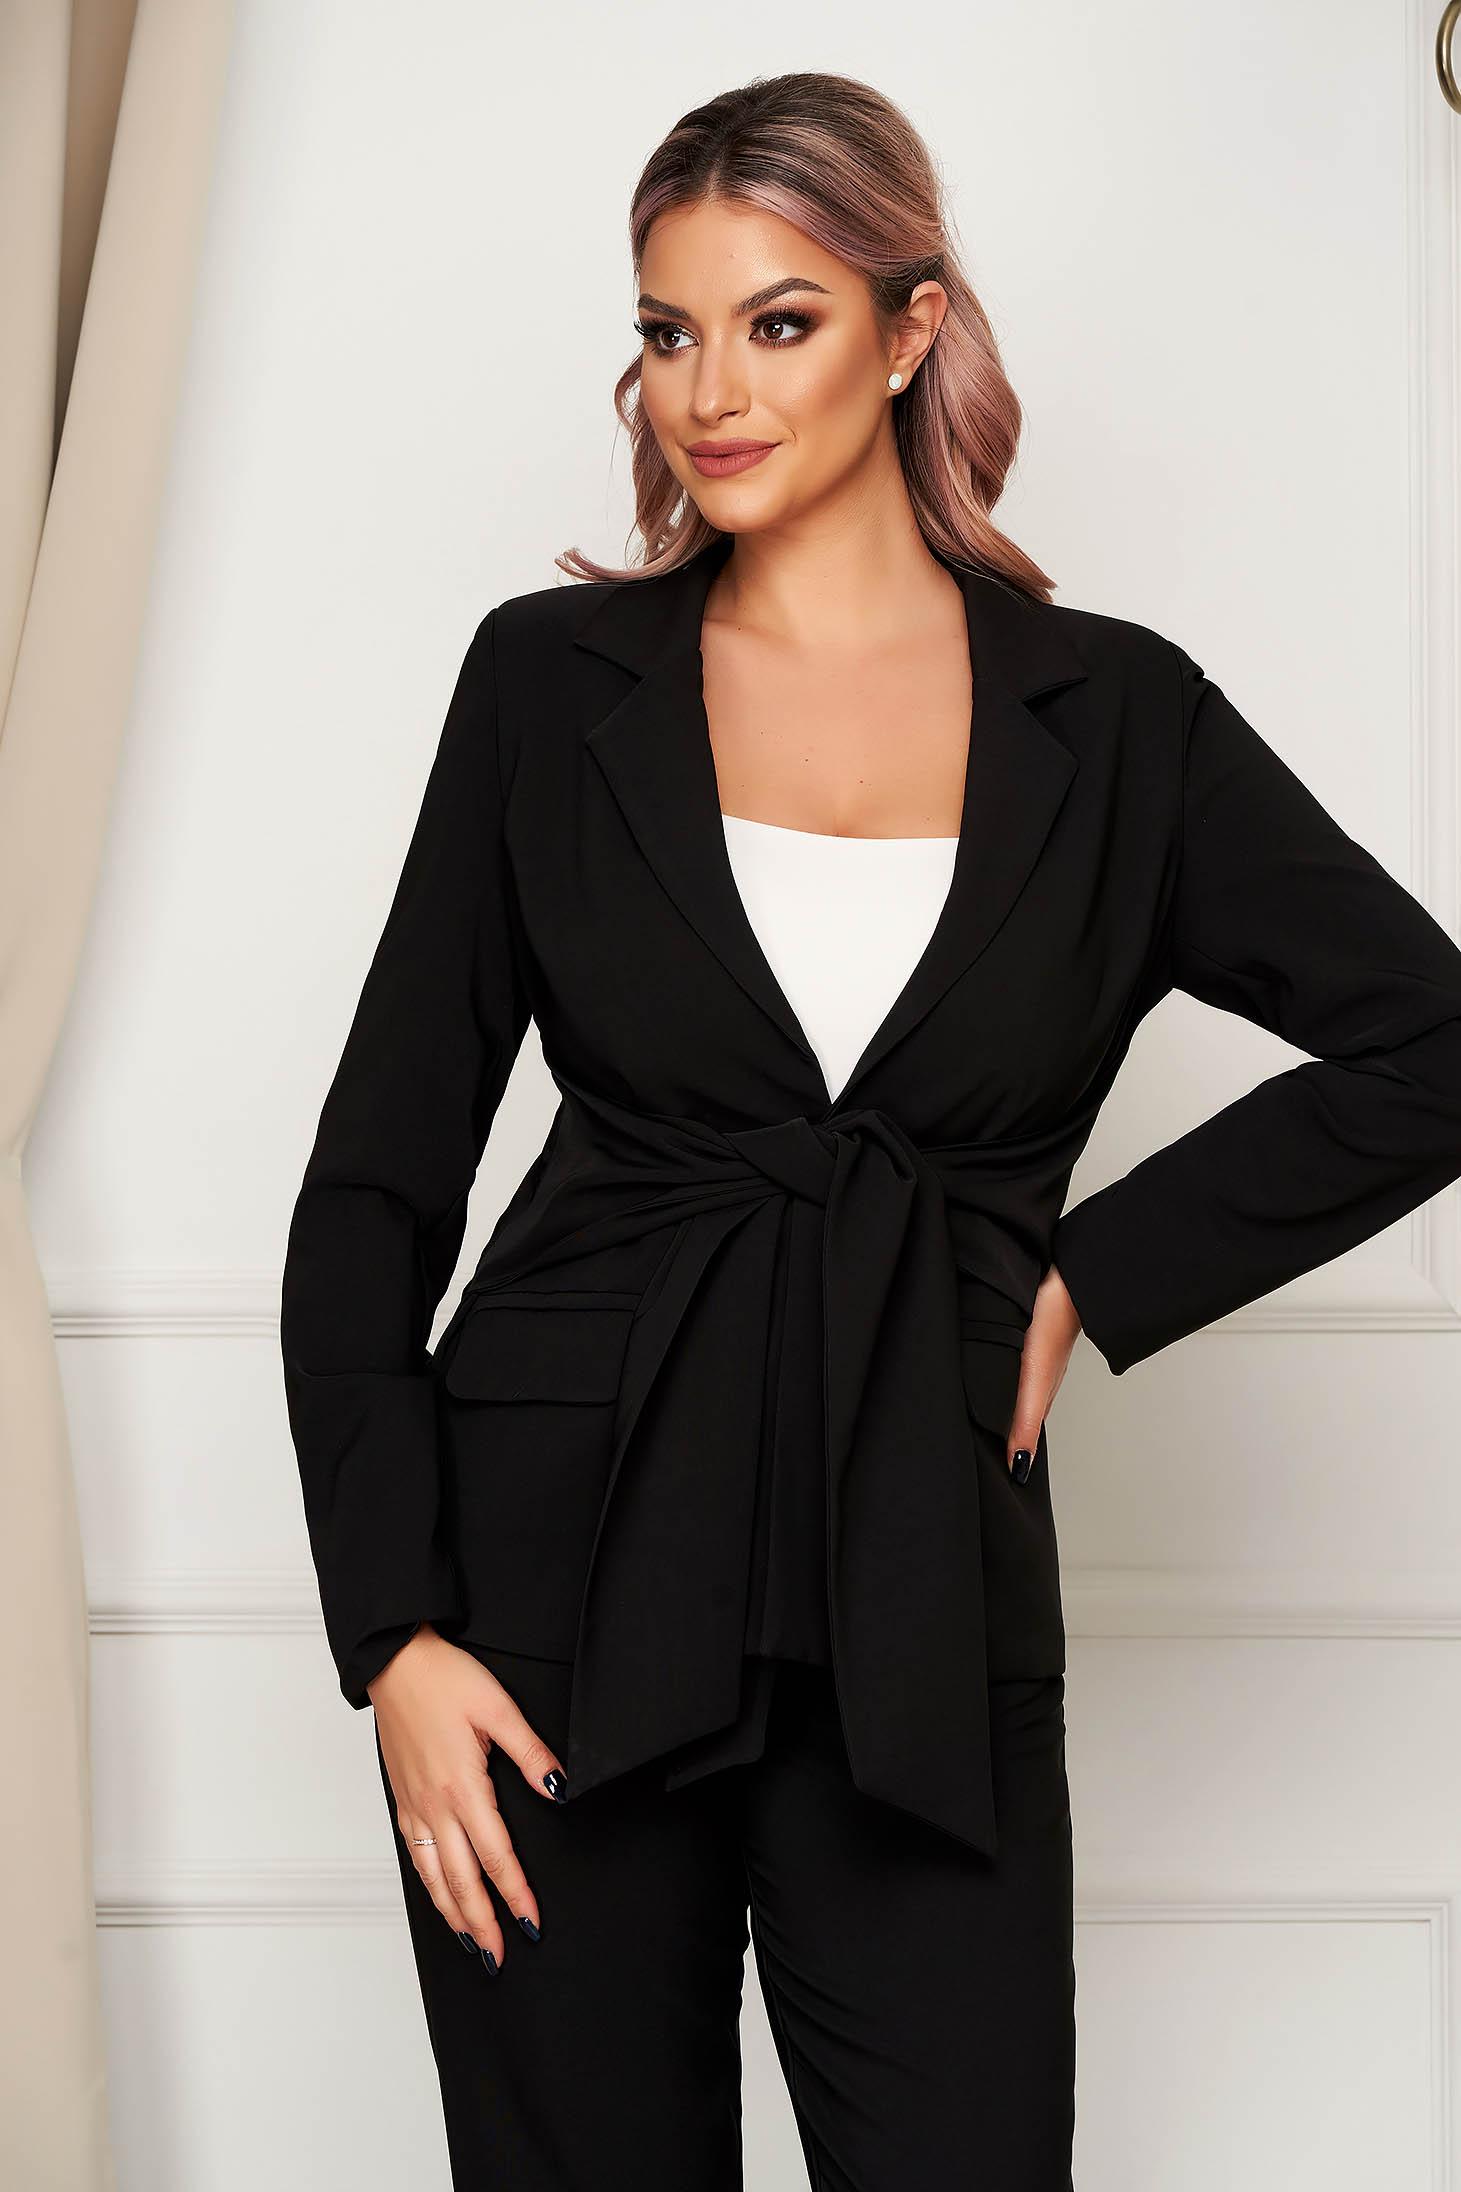 Black jacket office straight slightly elastic fabric